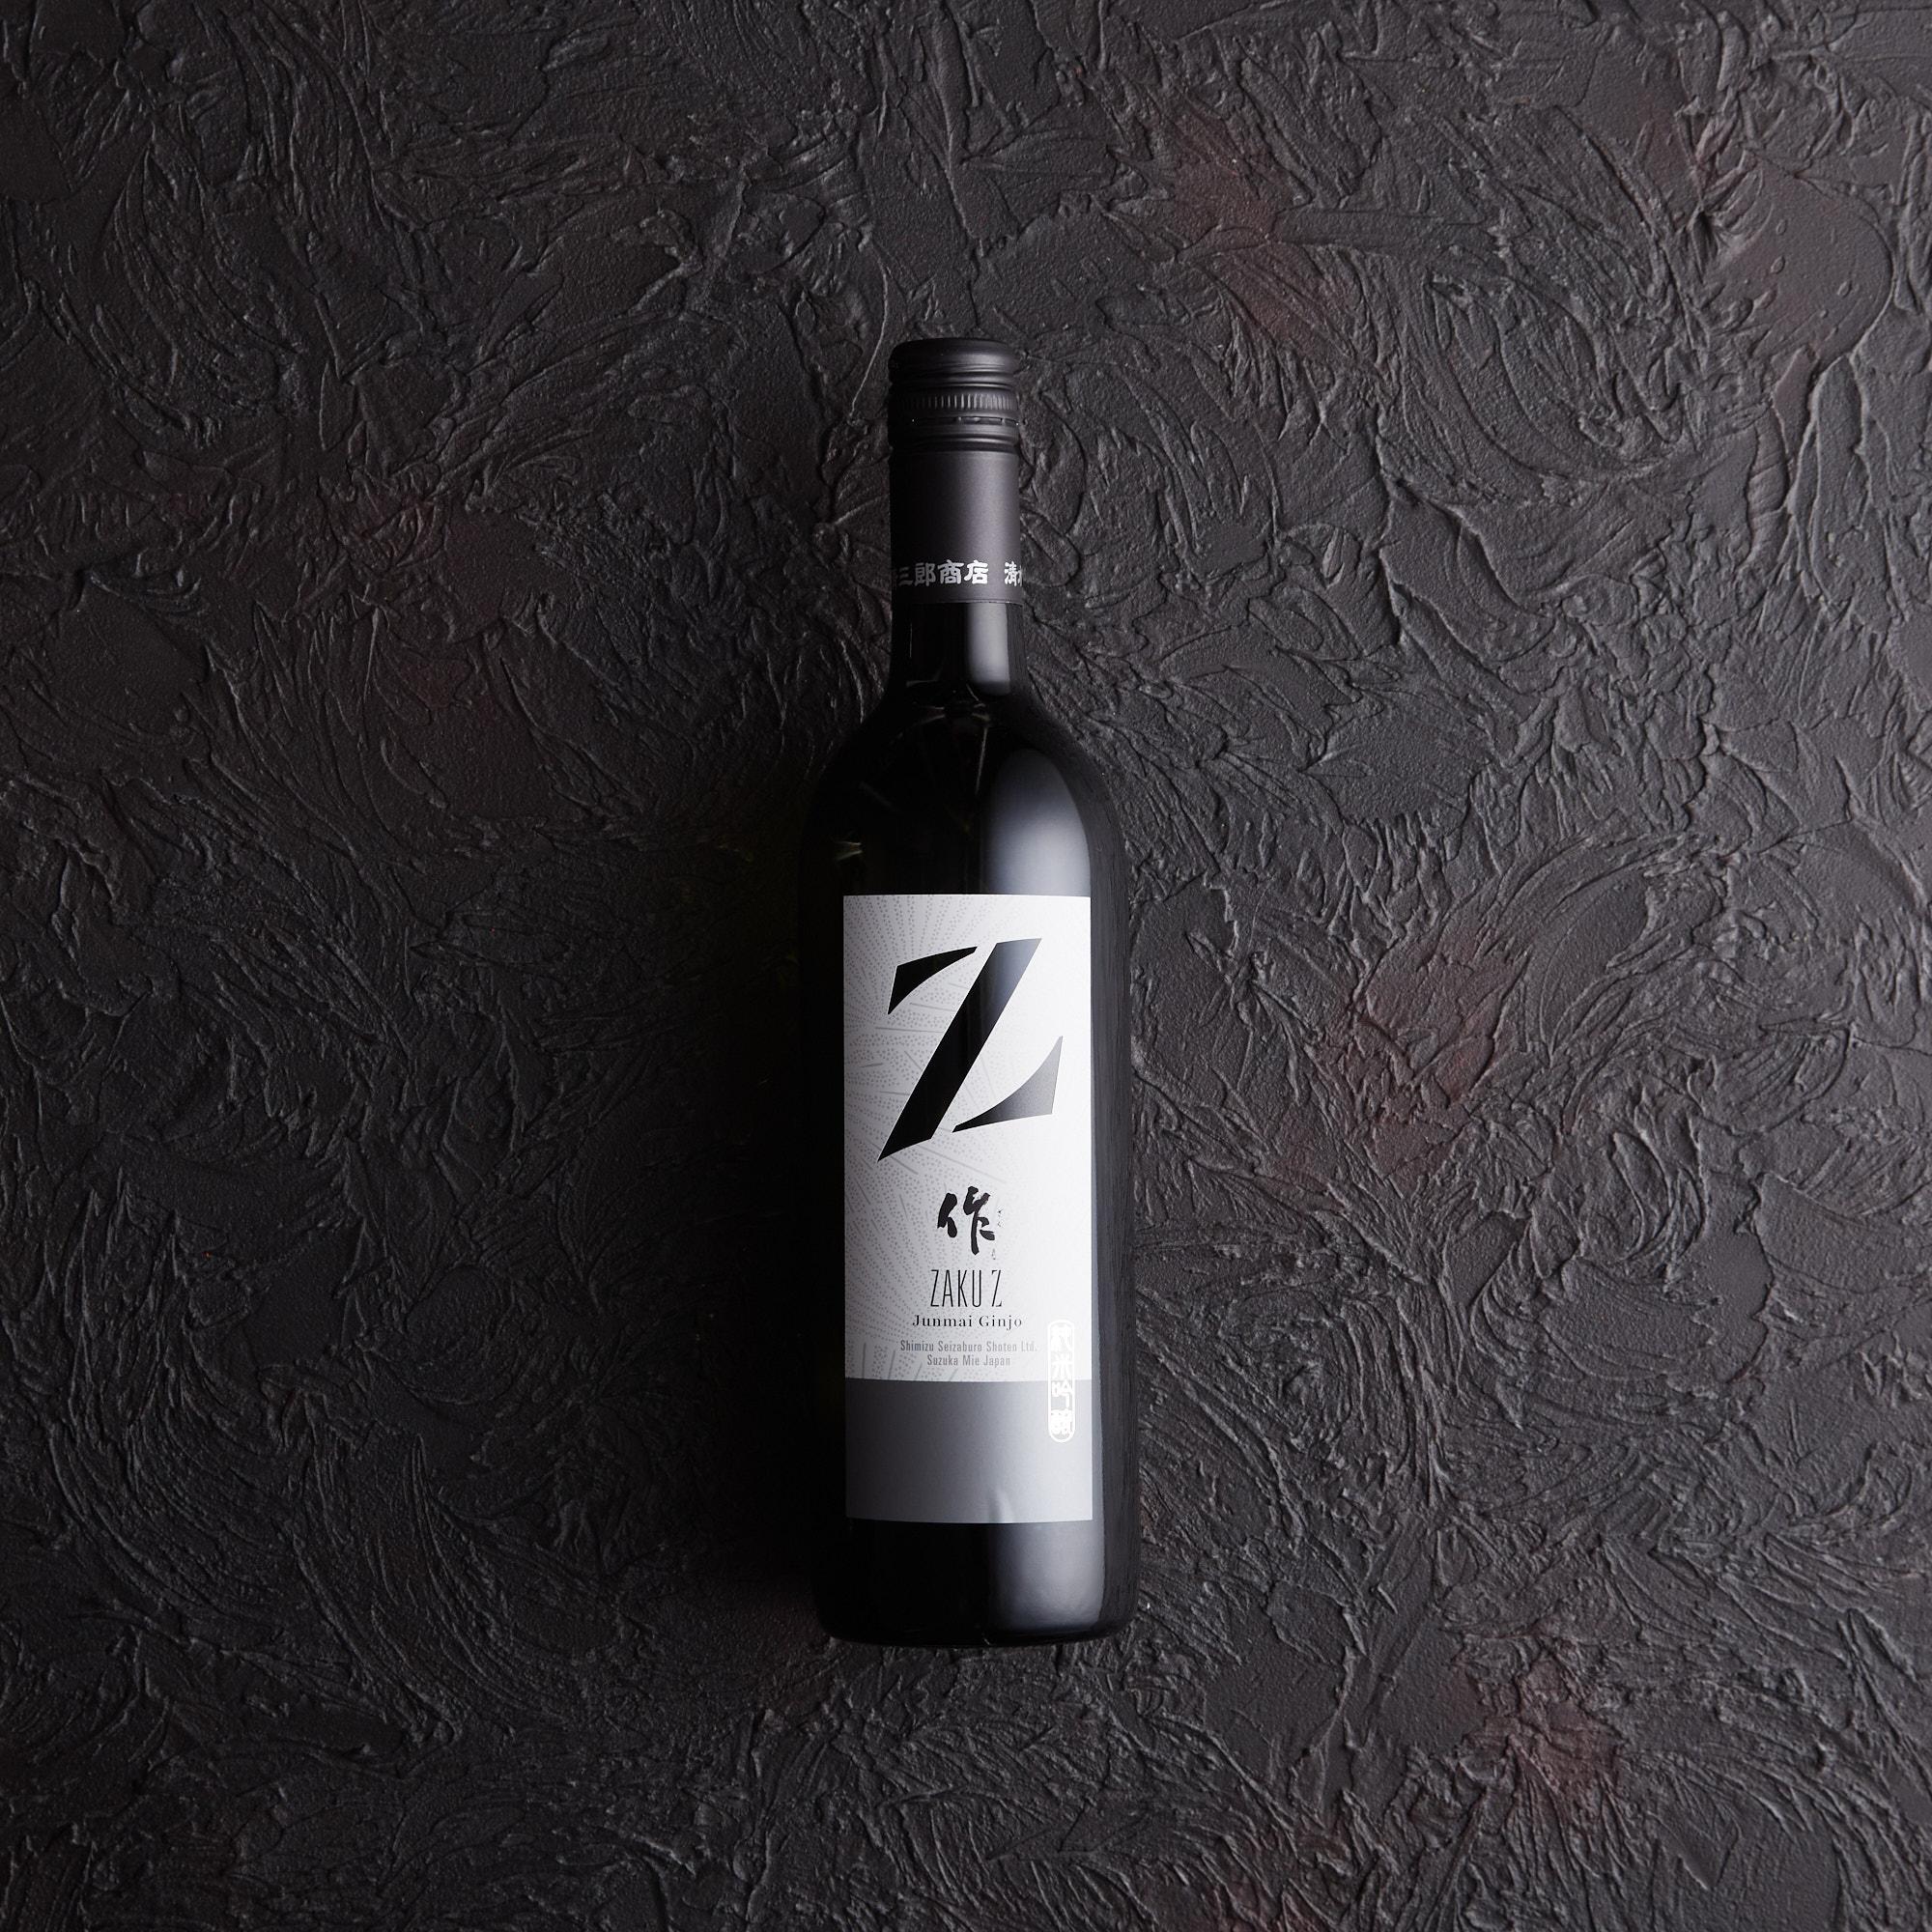 作 純米吟醸 Z 750ml